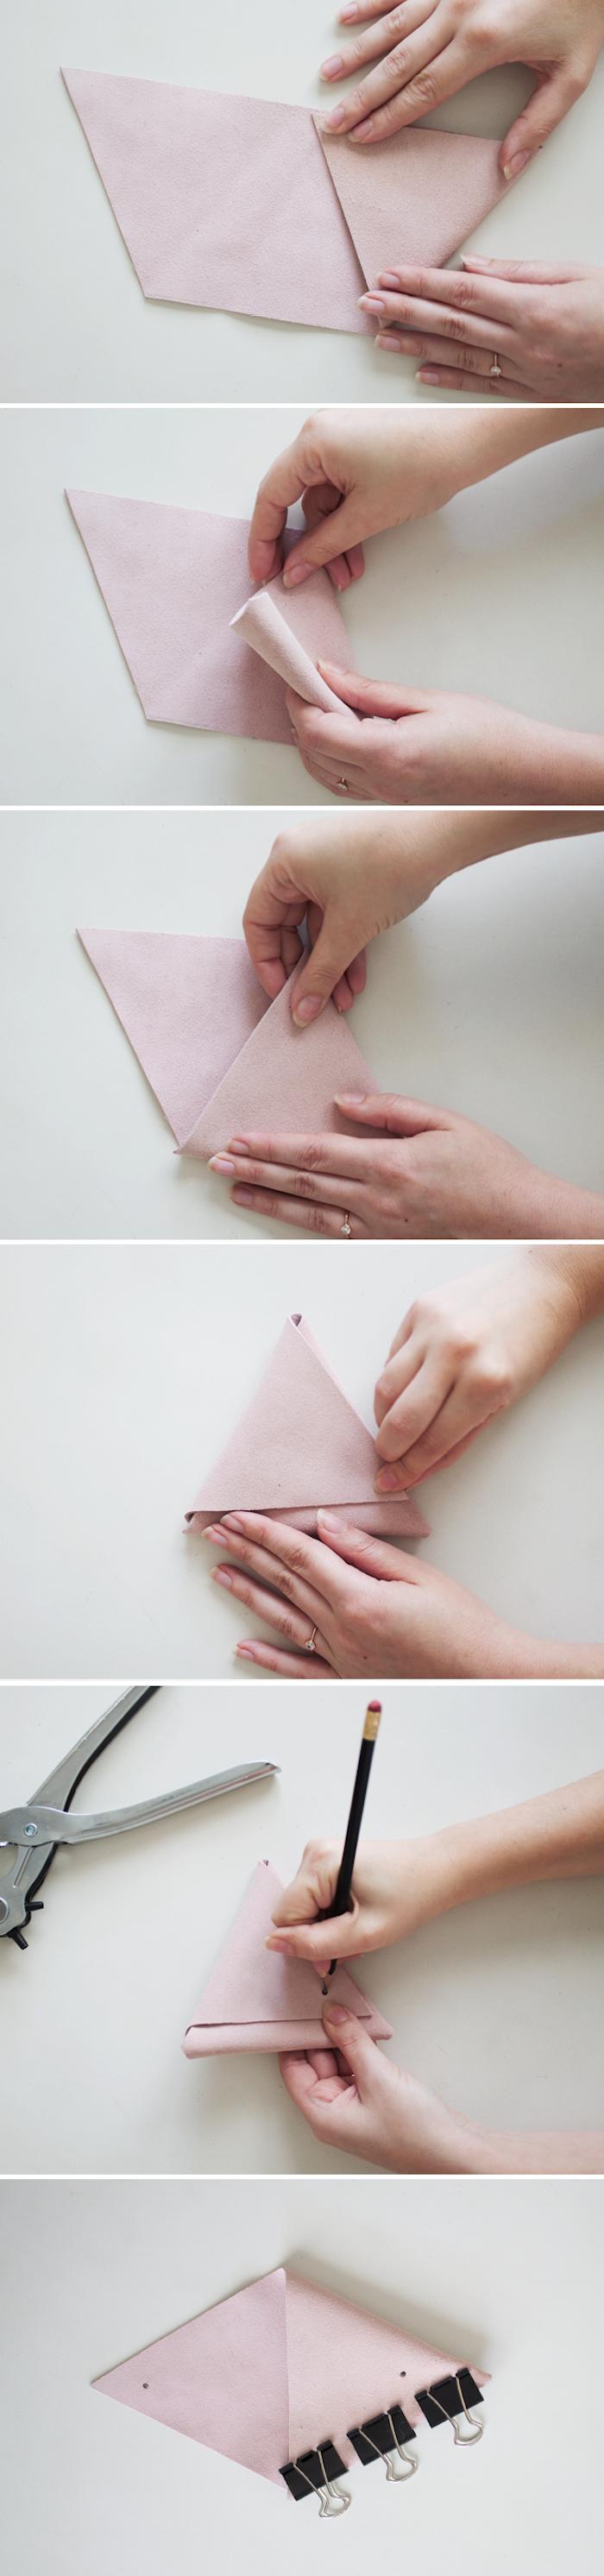 organizadores de cuero DIY paso a paso, ideas para hacer regalos personalizados fáciles de hacer para tus amigas